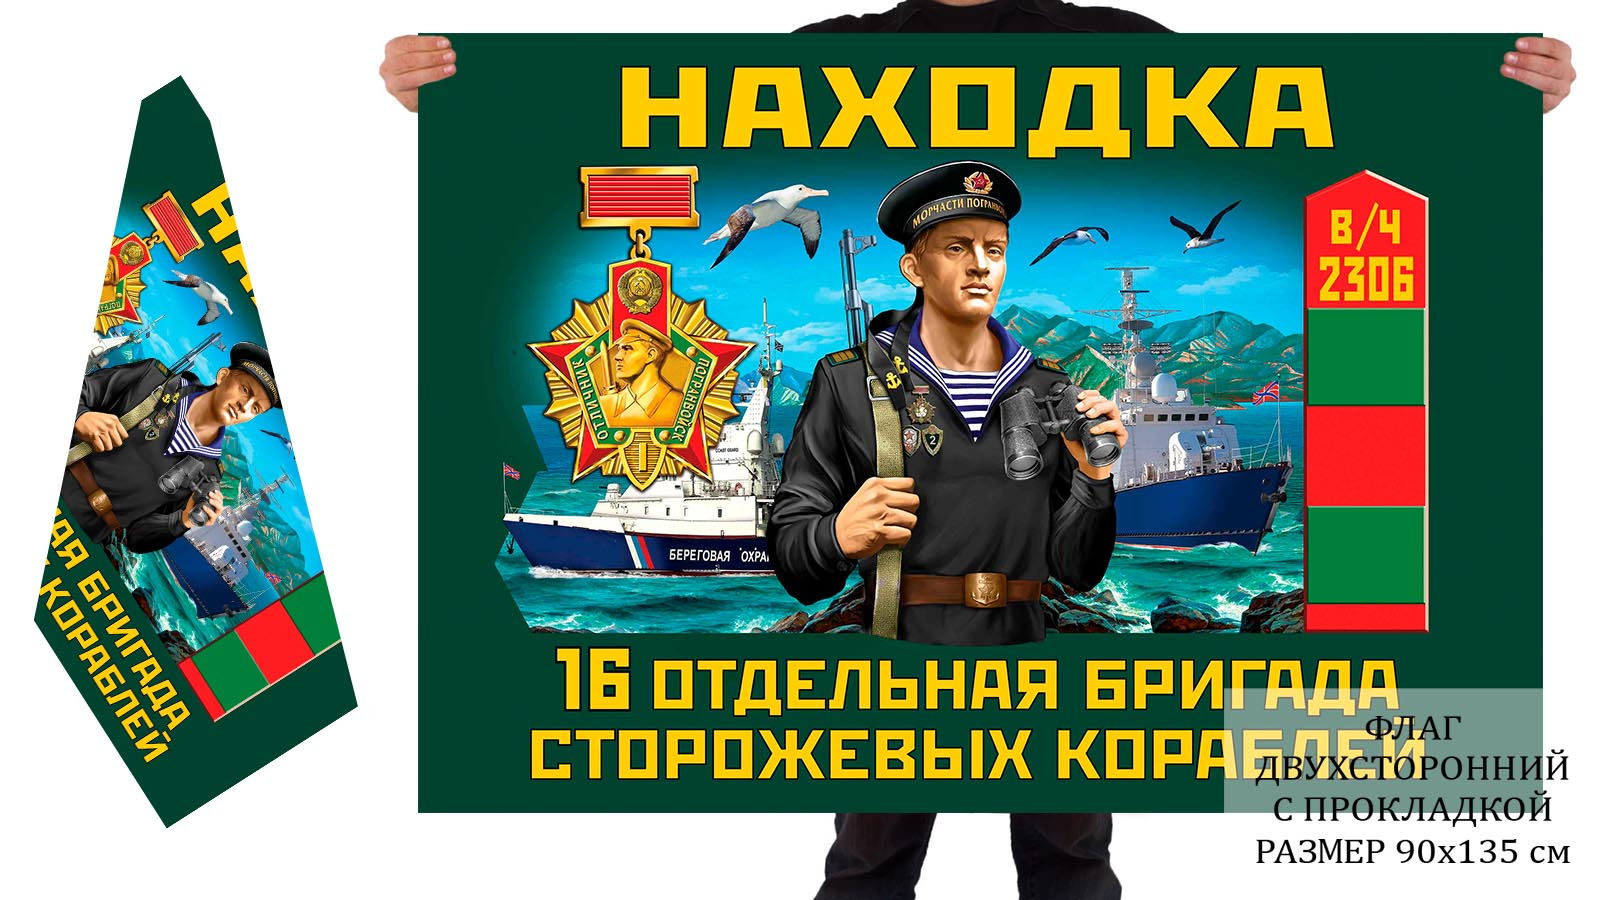 Двусторонний флаг 16 отдельной бригады сторожевых кораблей